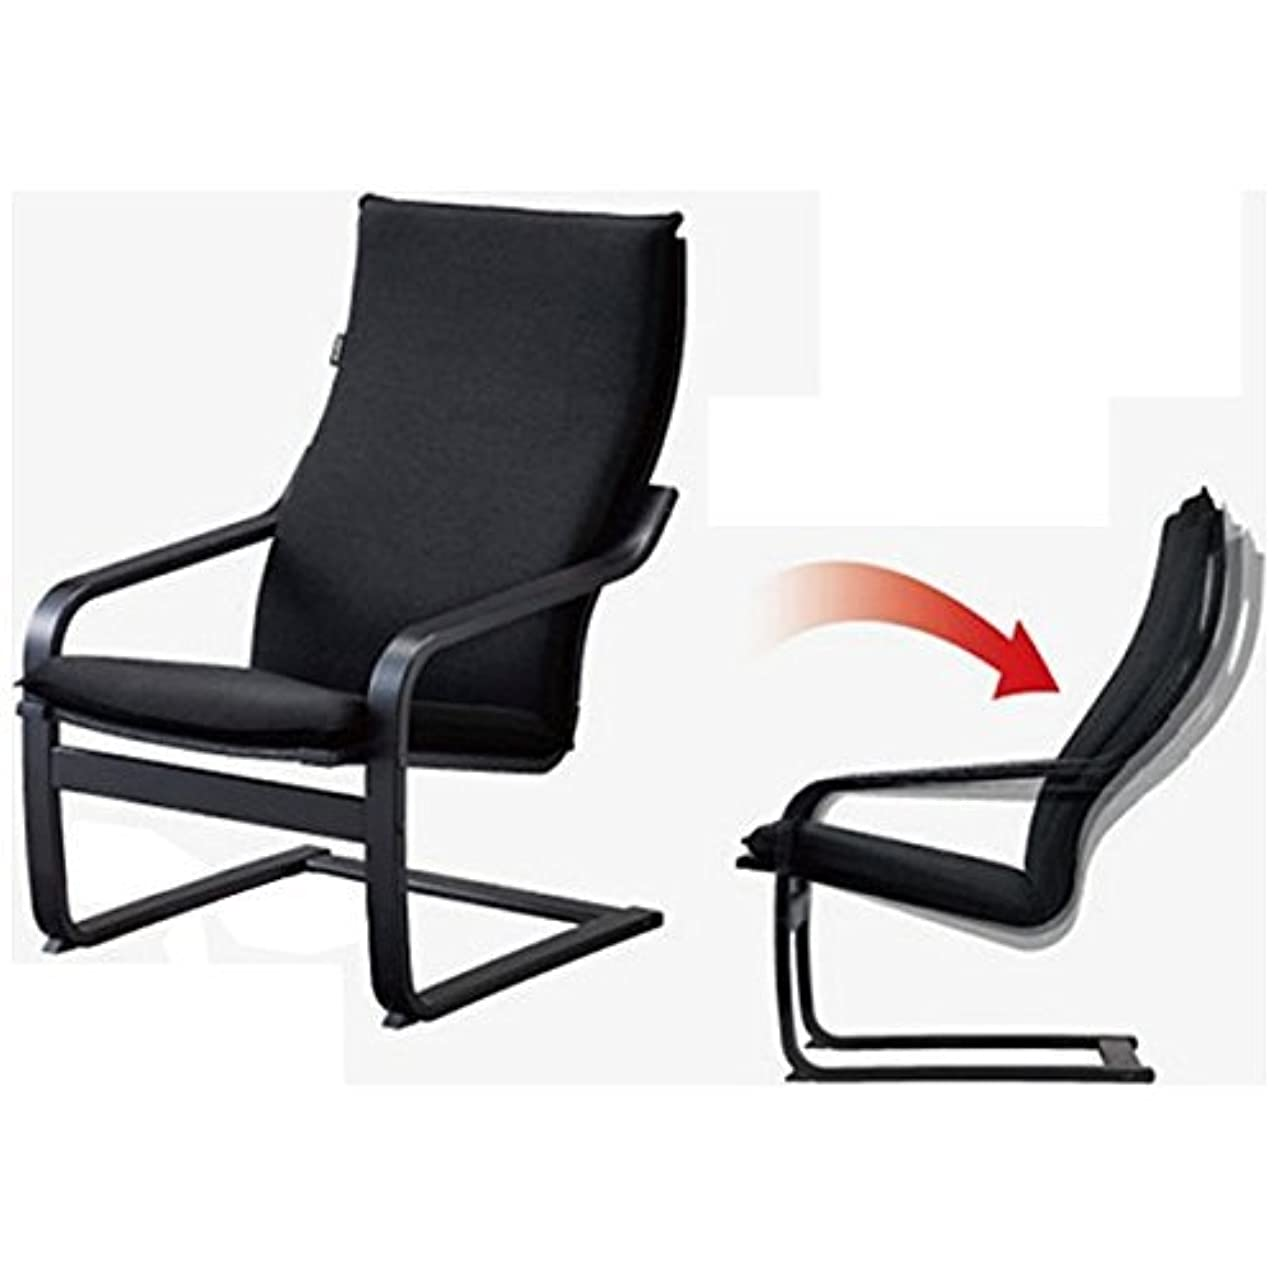 アダルト香りアジア人フジ医療器 シートマッサージャー用チェア(ブラック)my relax(マイリラ) MRL-10C